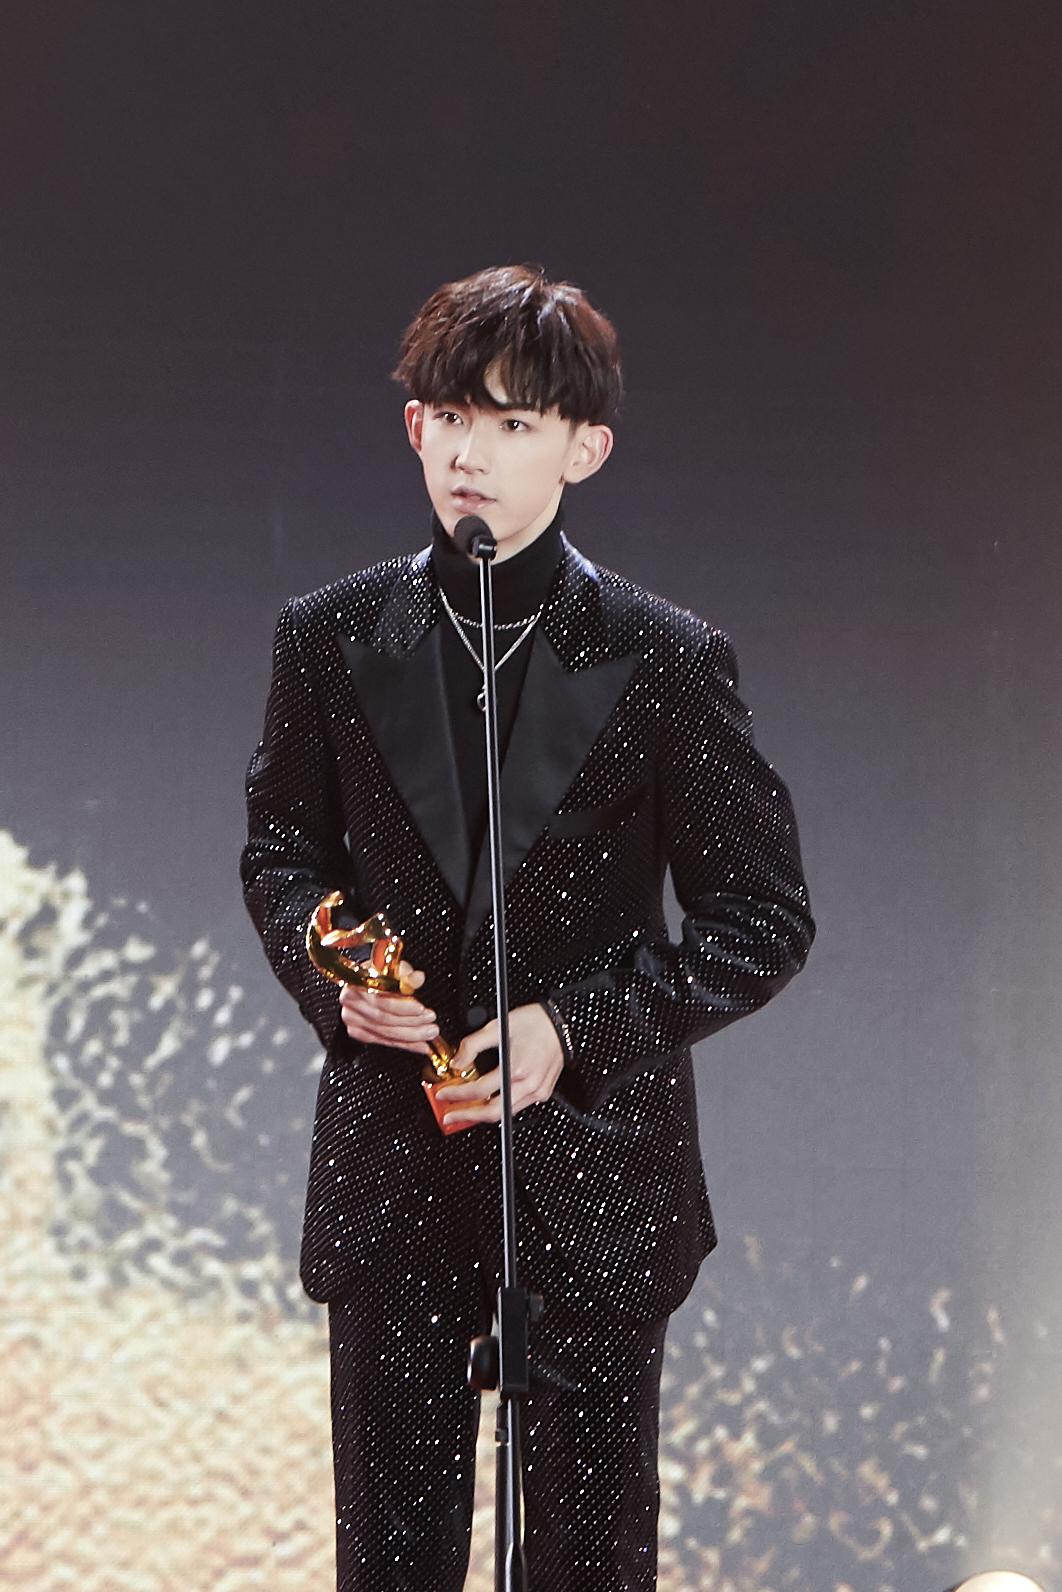 丝路凝聚力盛典成功举办 郭俊辰荣获年度潜力演员